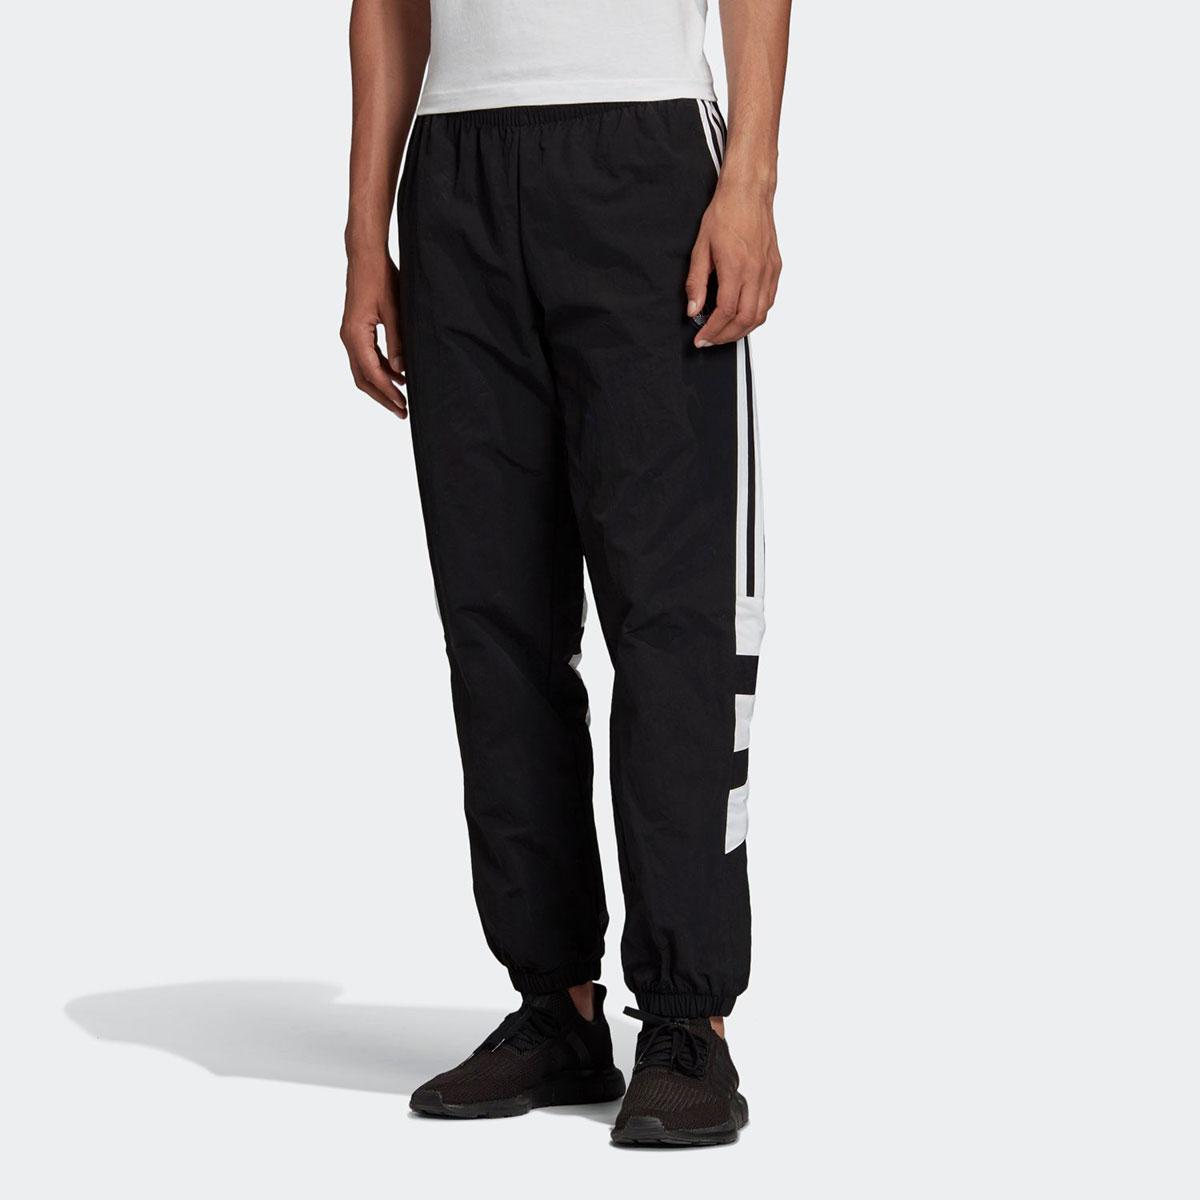 adidas BALANTA TRACK PANTS (アディダス バランタ トラック パンツ)BLACK【メンズ ロングパンツ】19FW-I